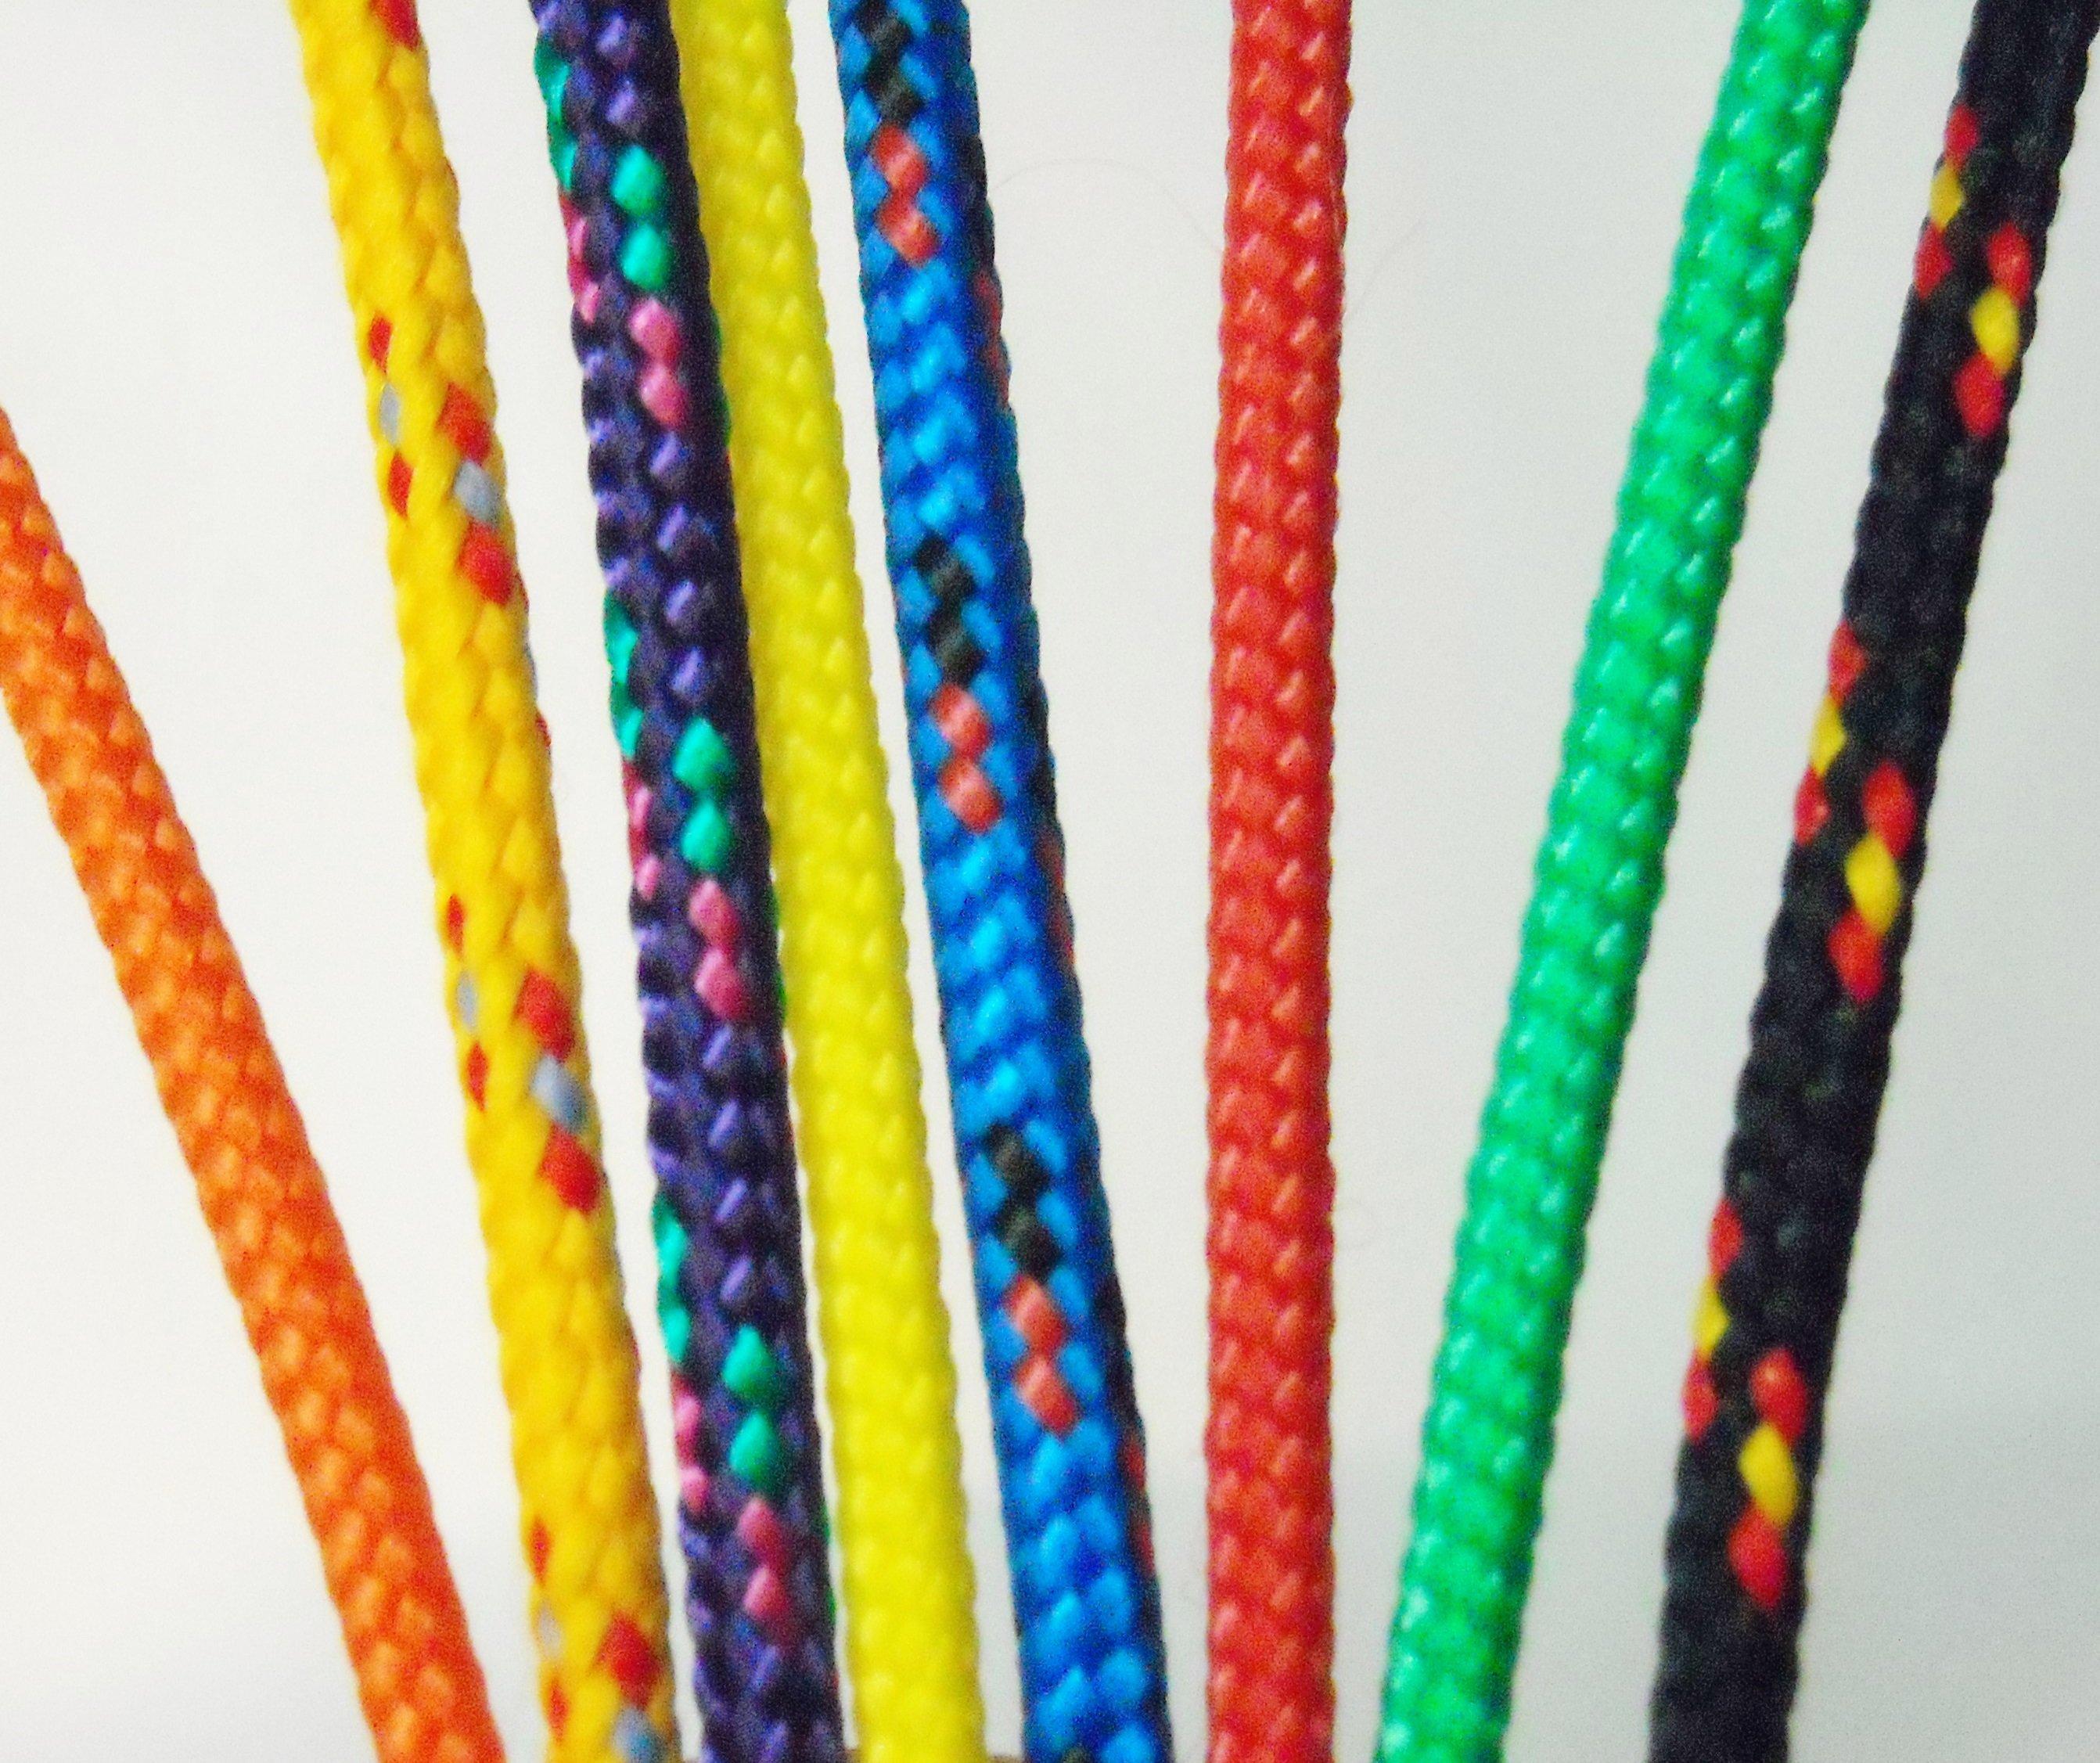 delle corde di diversi colori